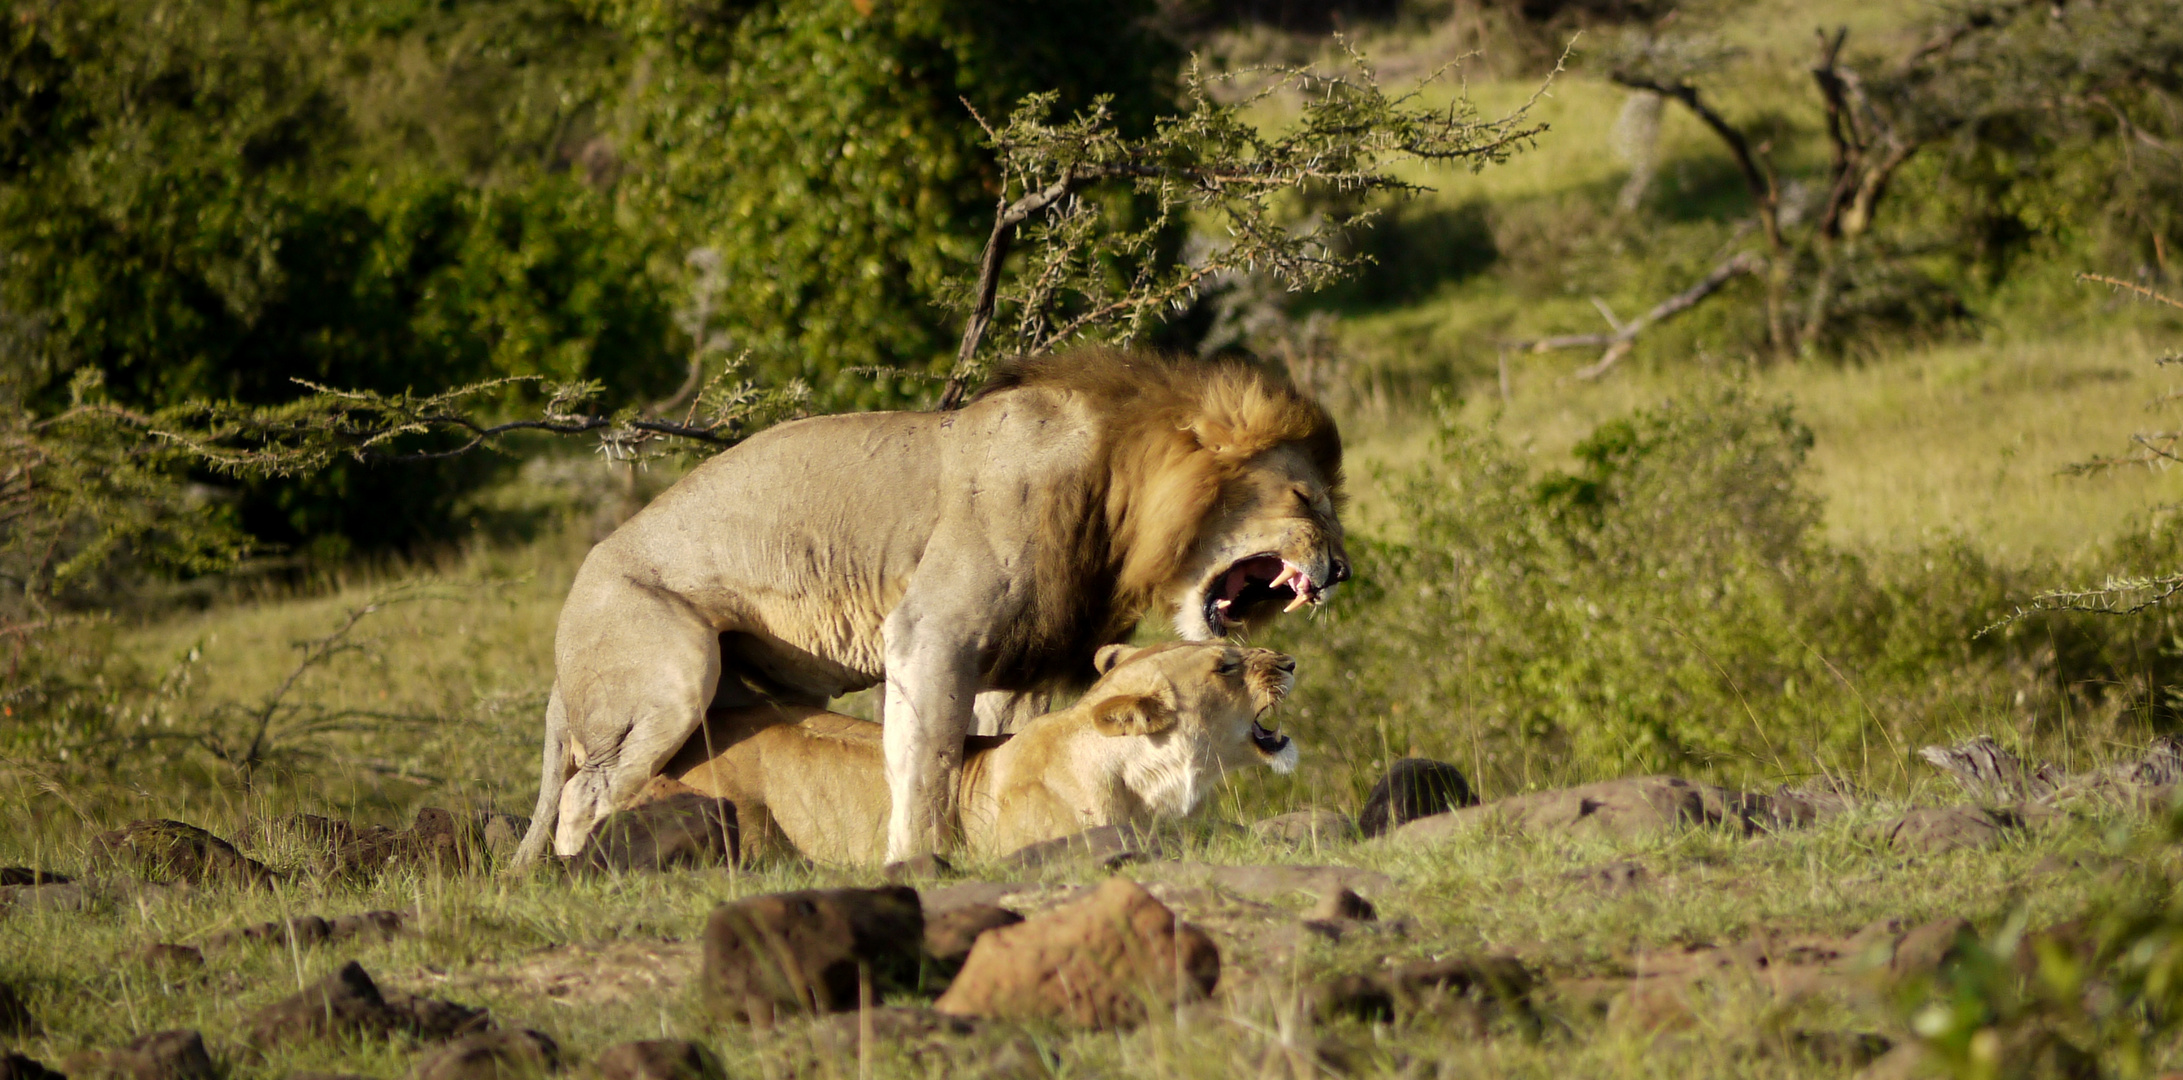 Löwen bei der Paarung